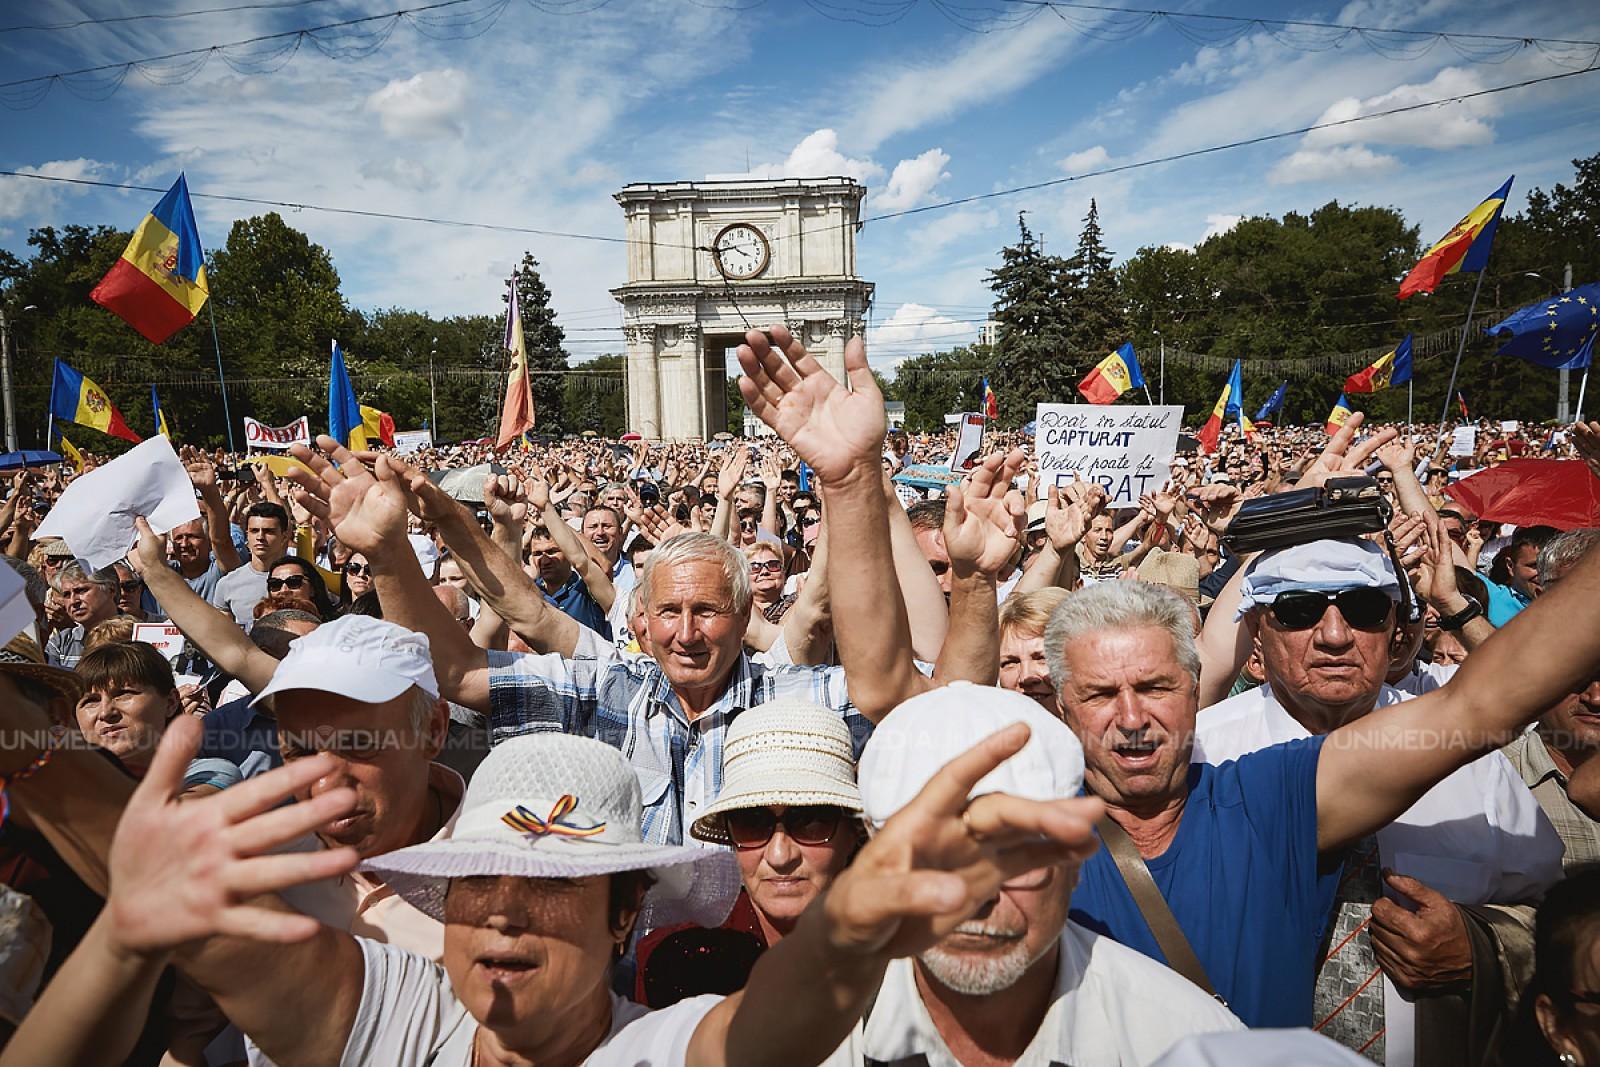 Exercițiu online: Cum poți calcula câți protestatari ar fi fost ieri în Piața Marii Adunări Naționale